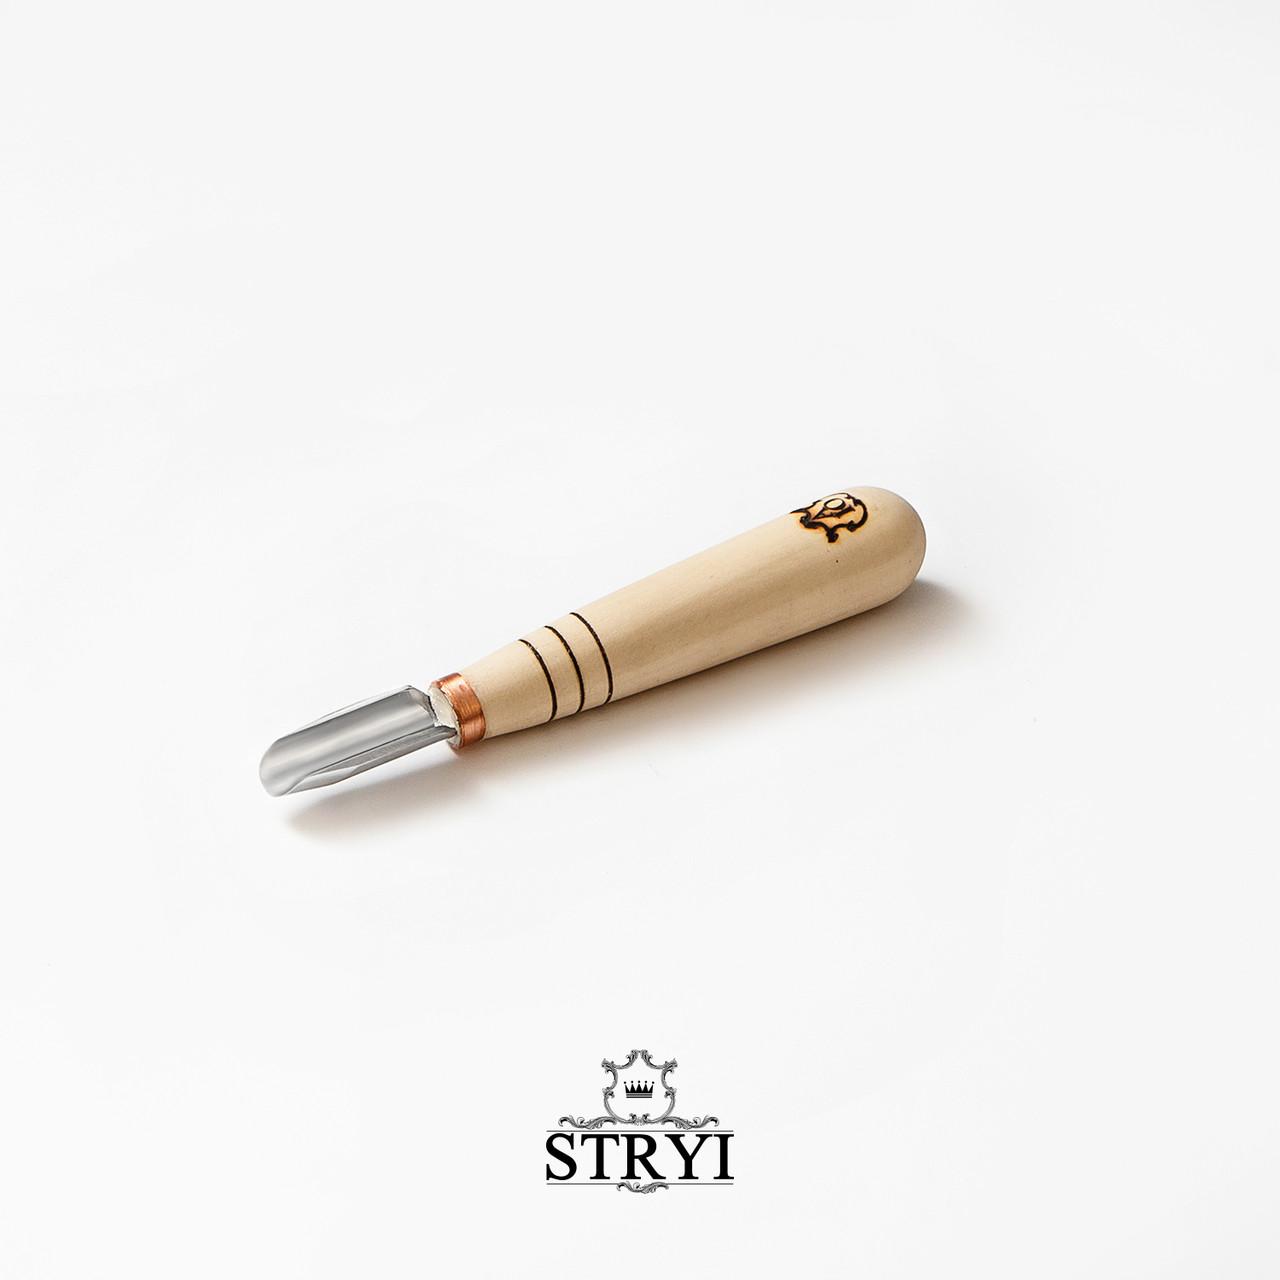 Полукруглый коротыш 10 мм, от производителя STRYI